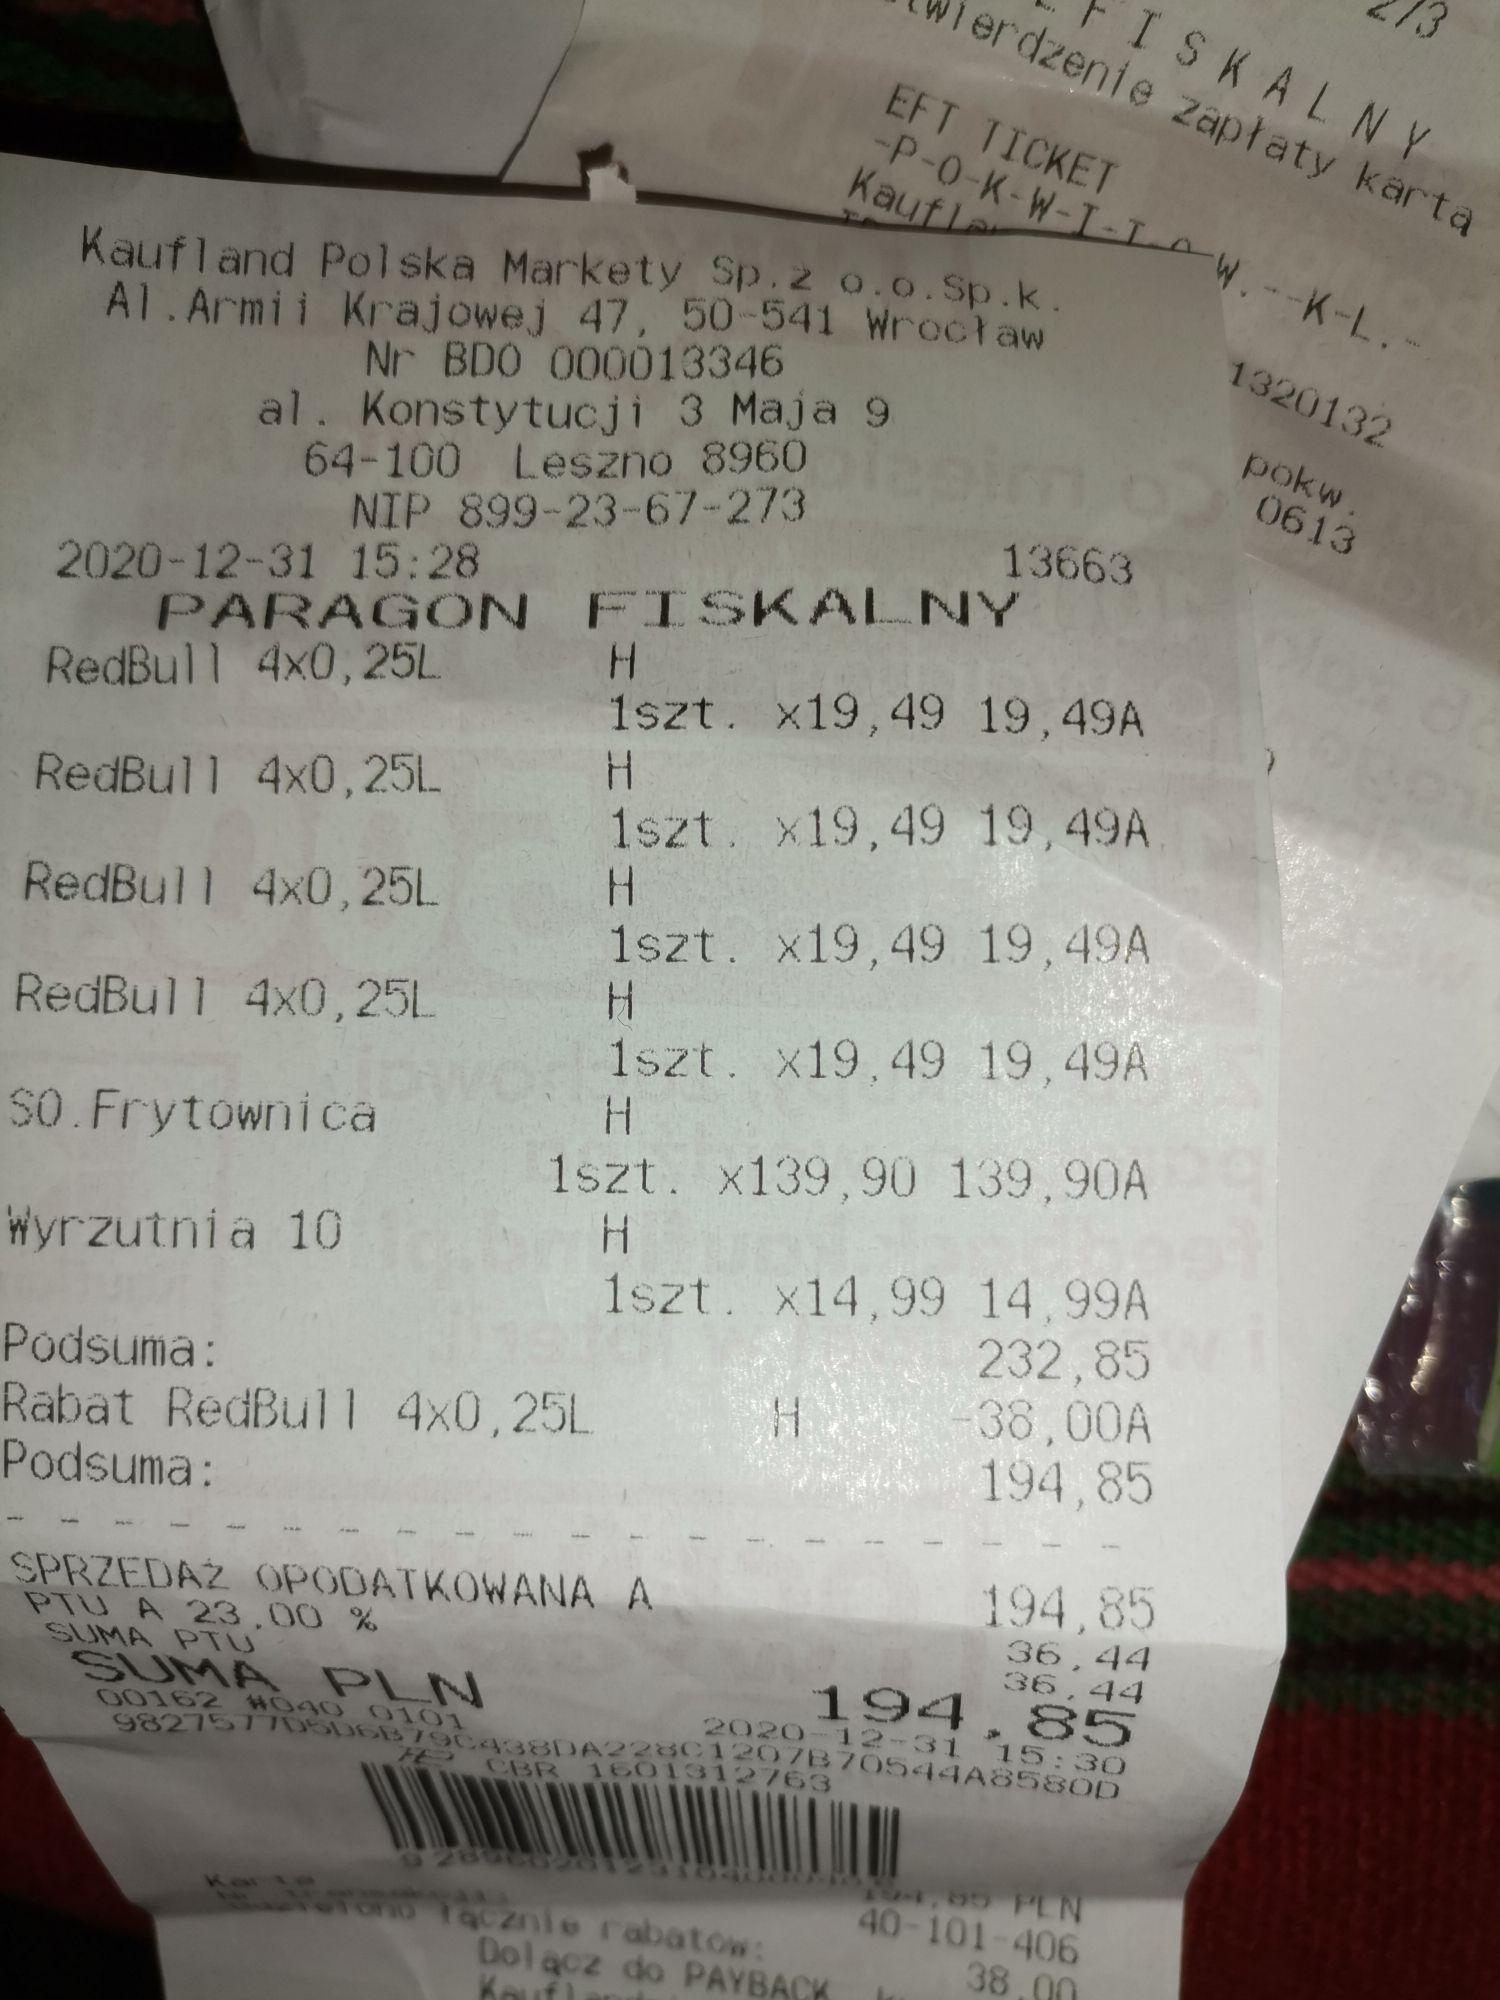 Kaufland Redbull 4 pak 10zl